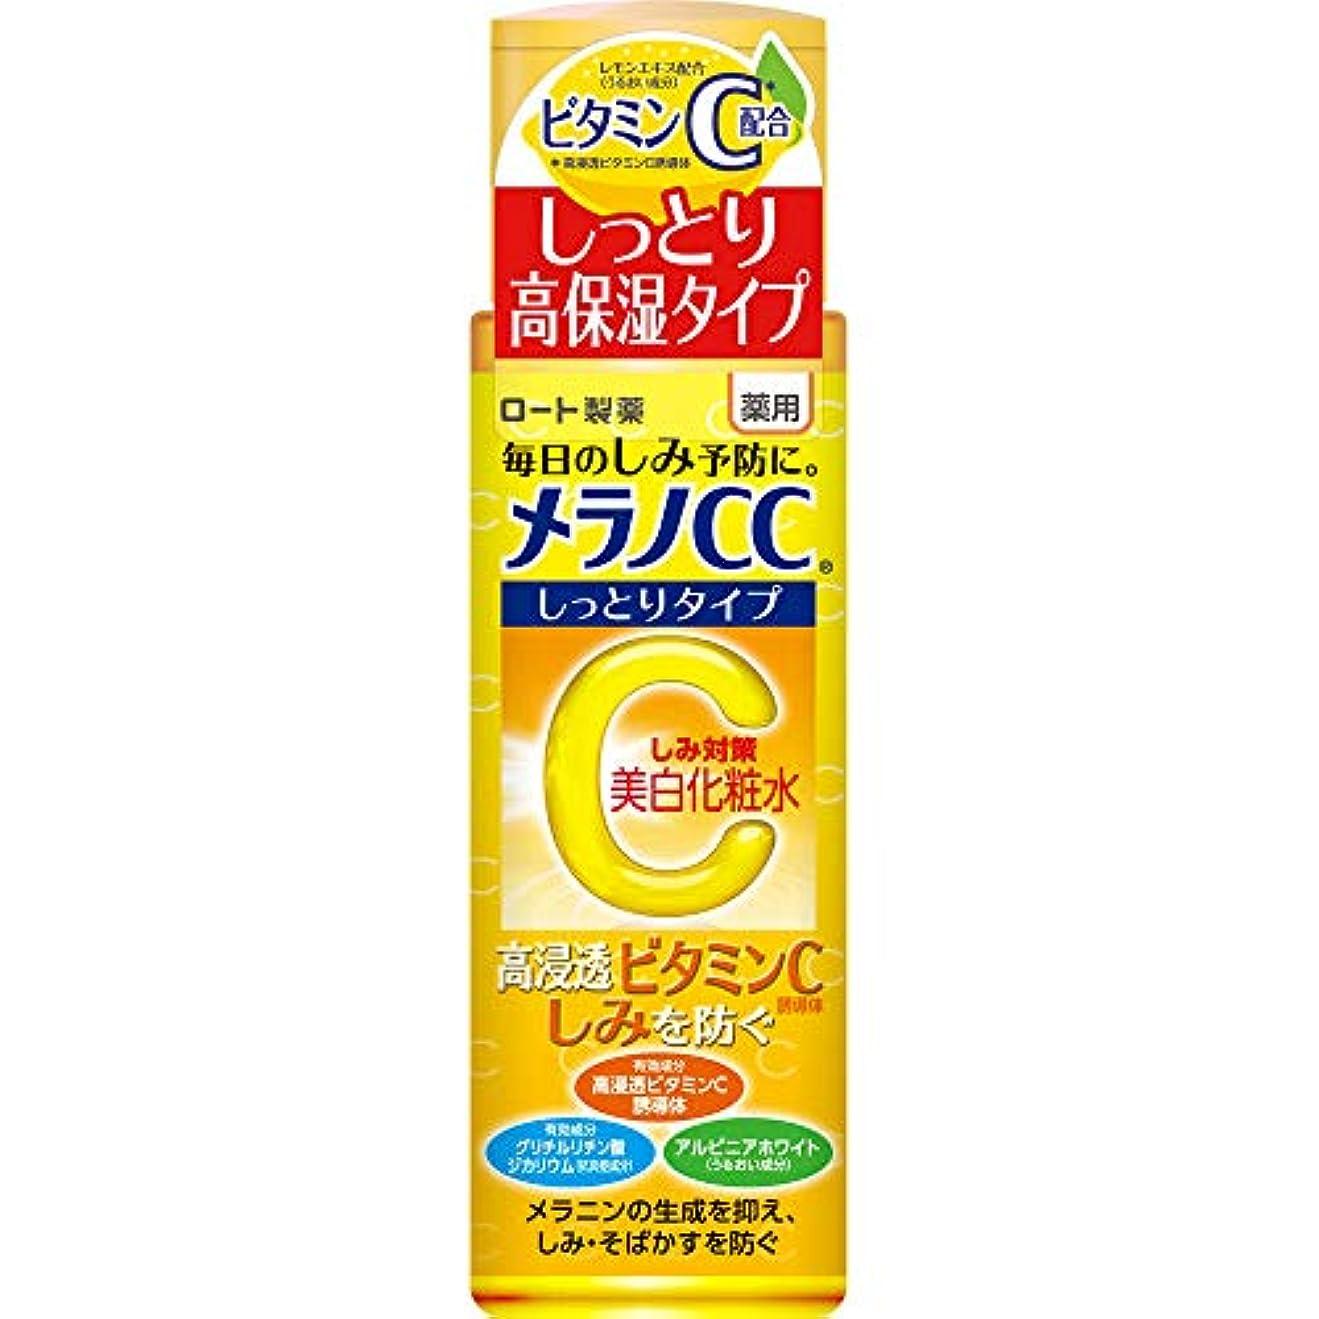 見せます研磨剤許さないメラノCC 薬用しみ対策美白化粧水 しっとりタイプ 170mL